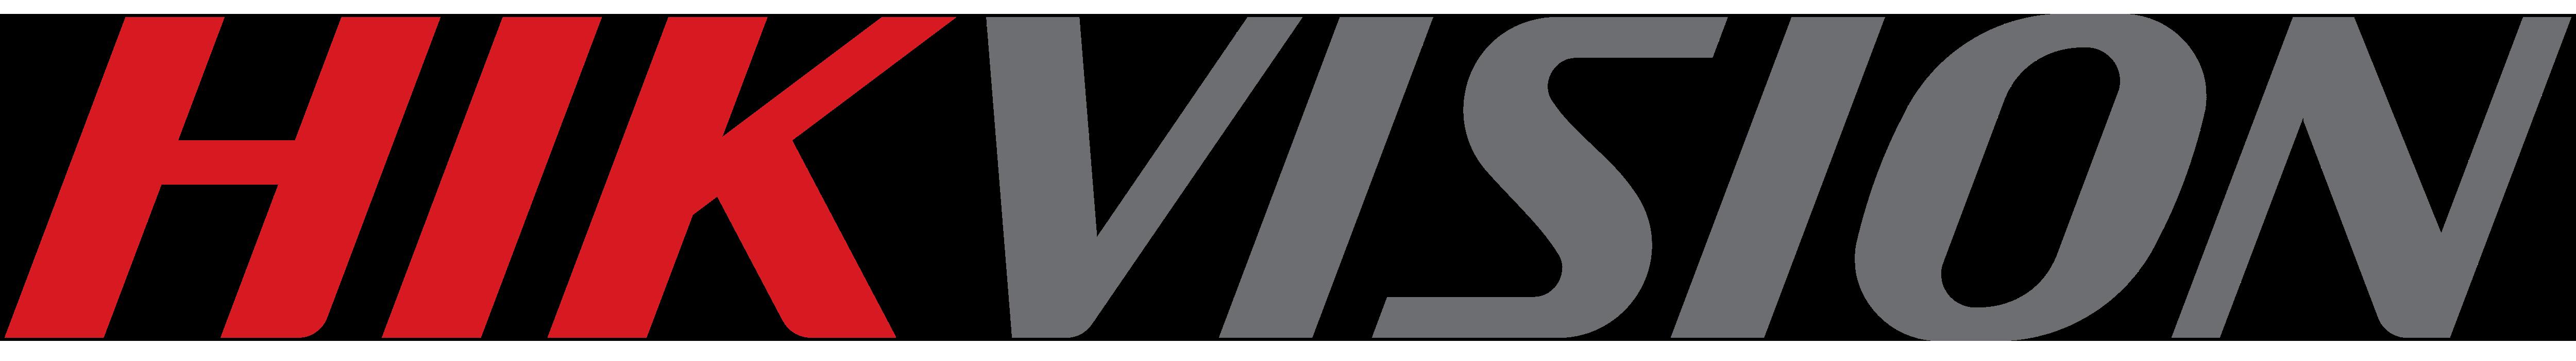 Risultati immagini per hikvision logo